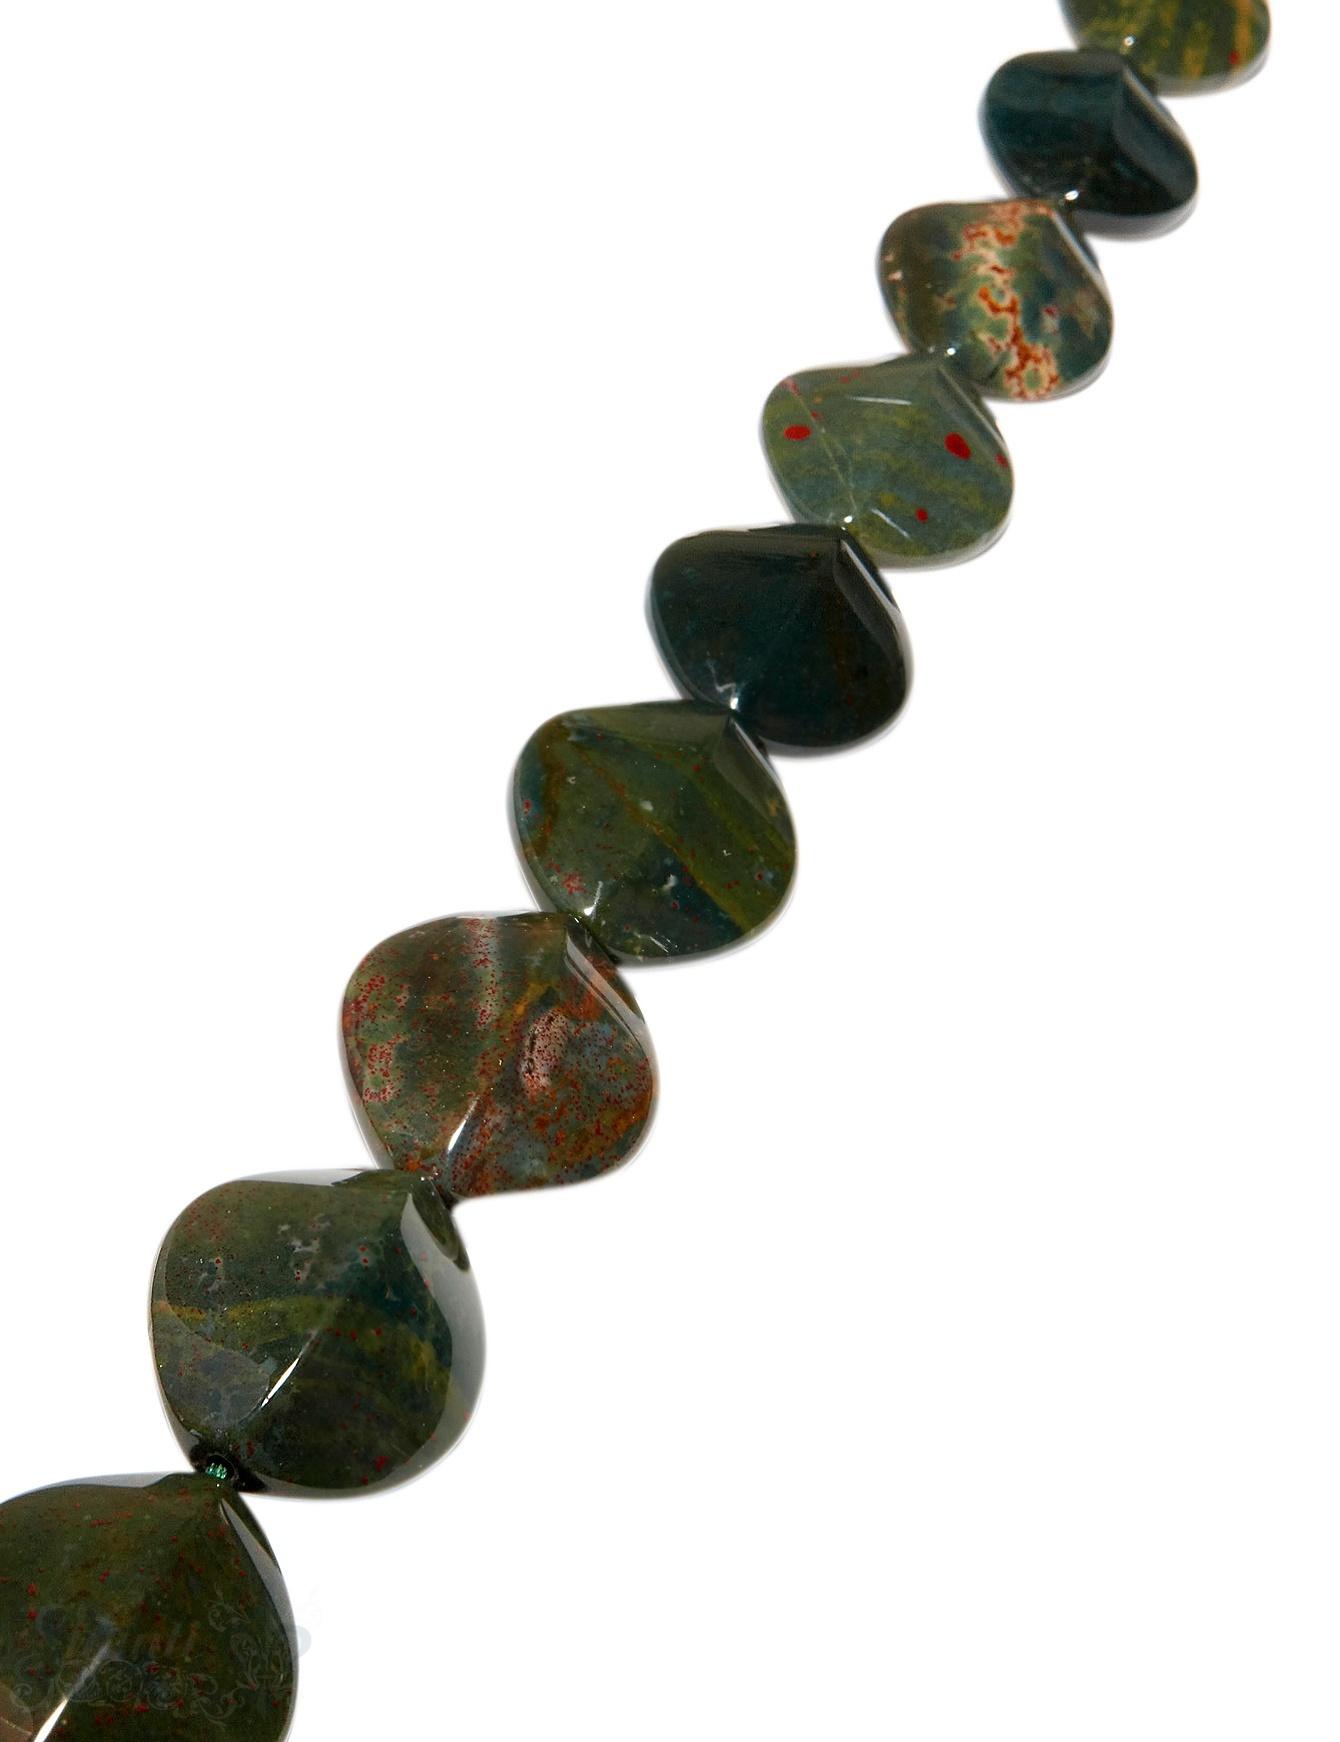 Heliotrop Strang dunkelgrün poliert Elipse kantig